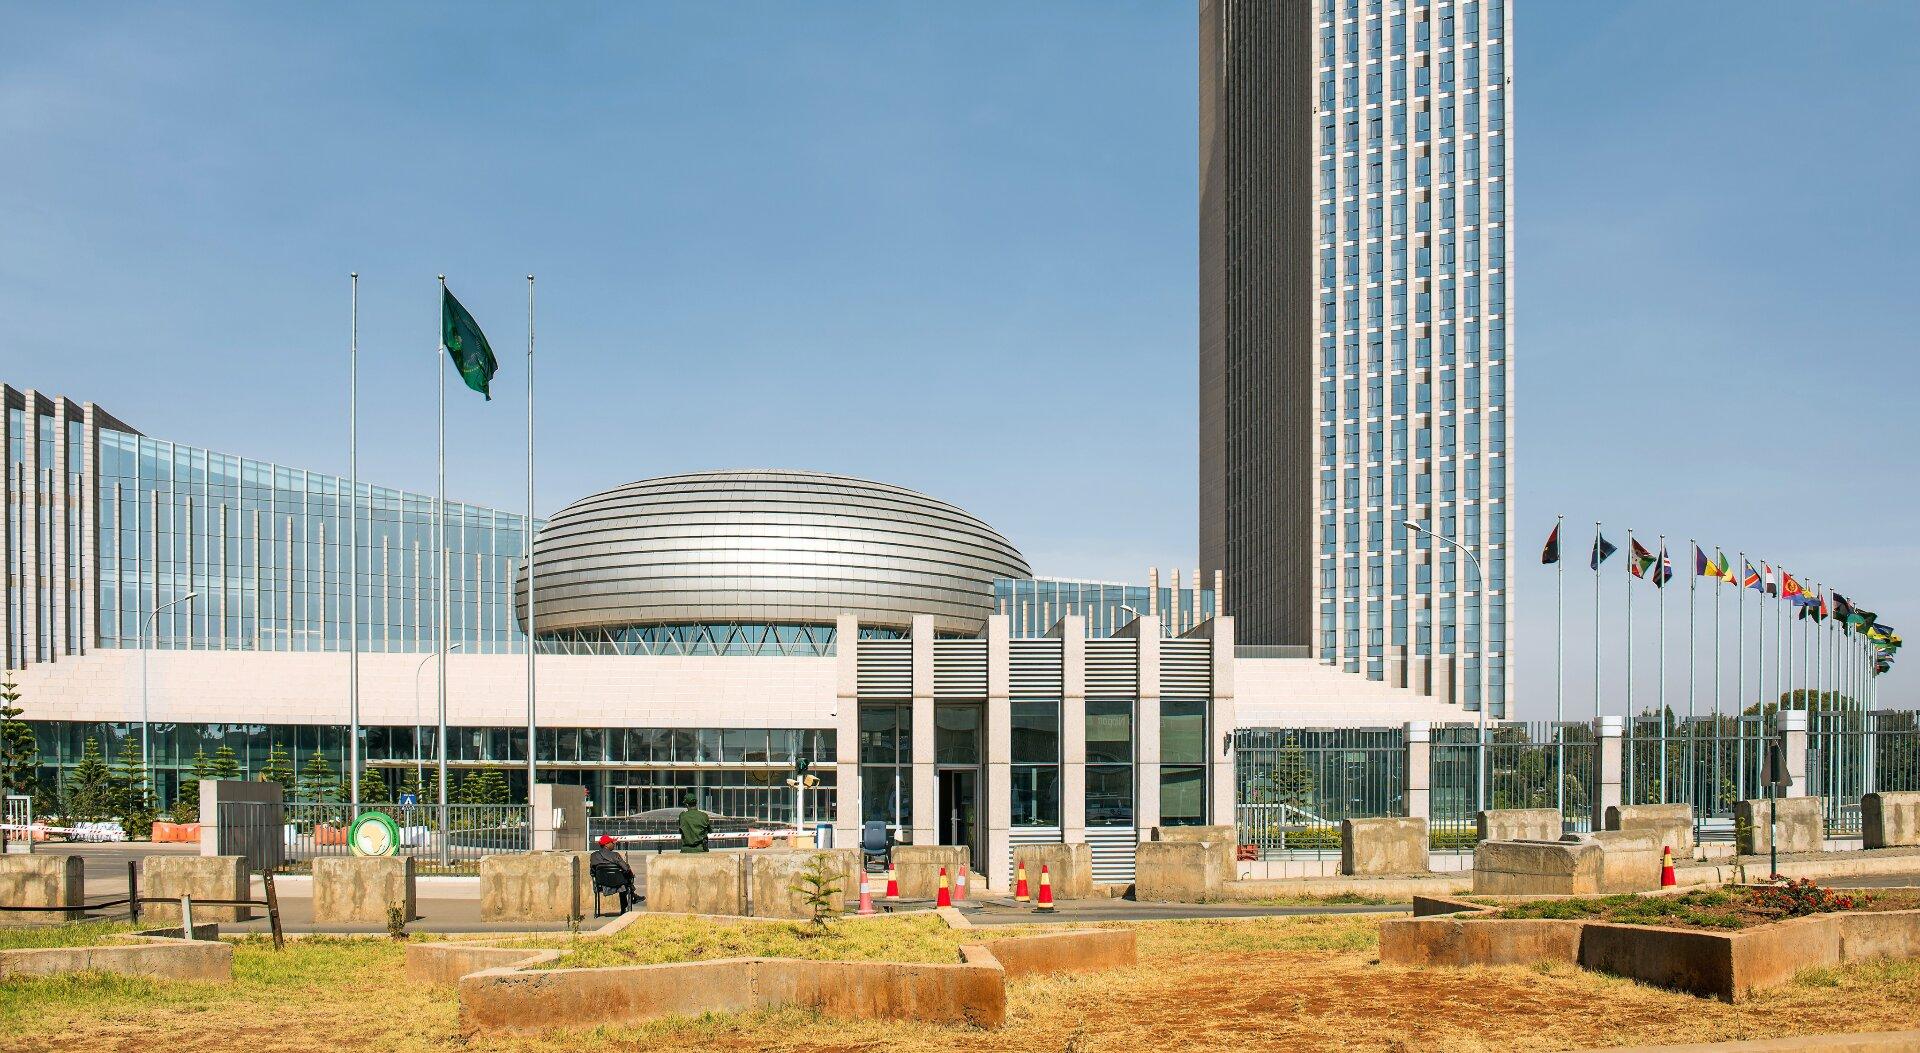 visos afrikos prekybos centro sistema